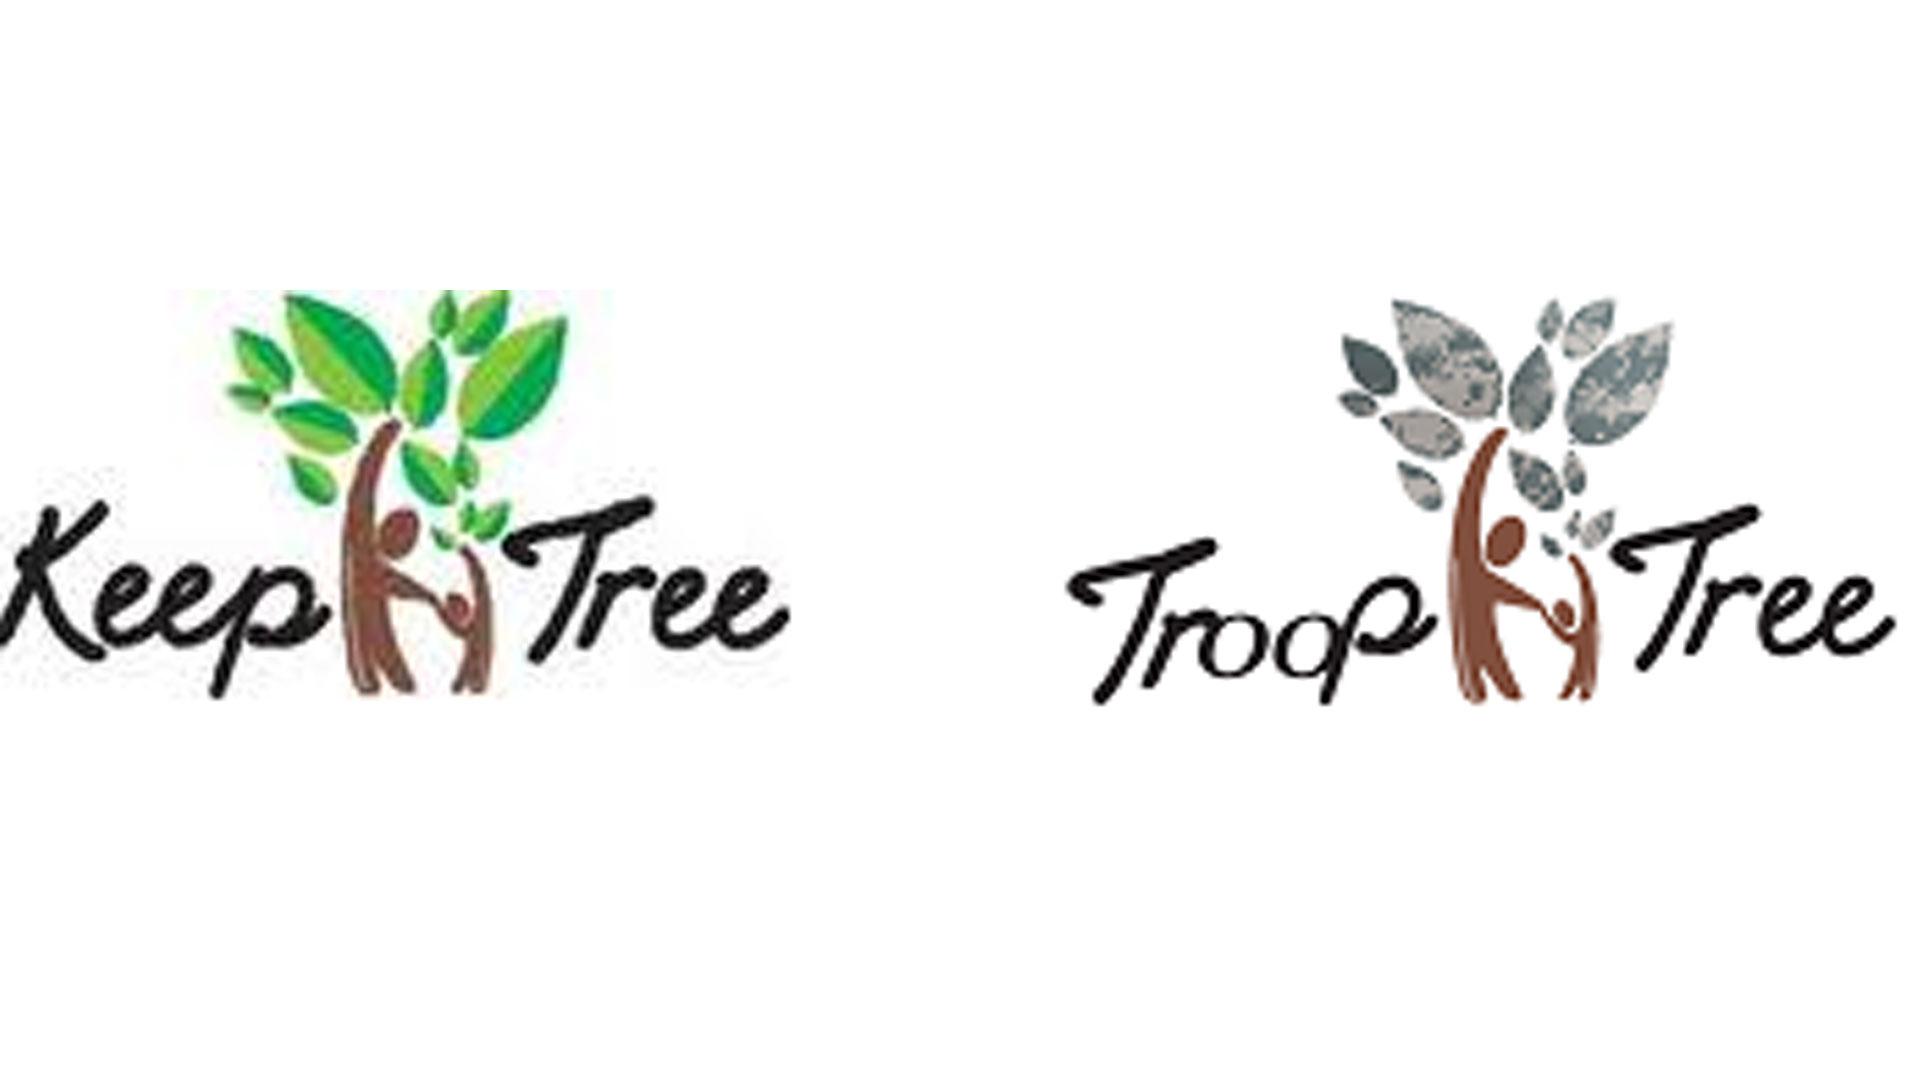 keep_tree